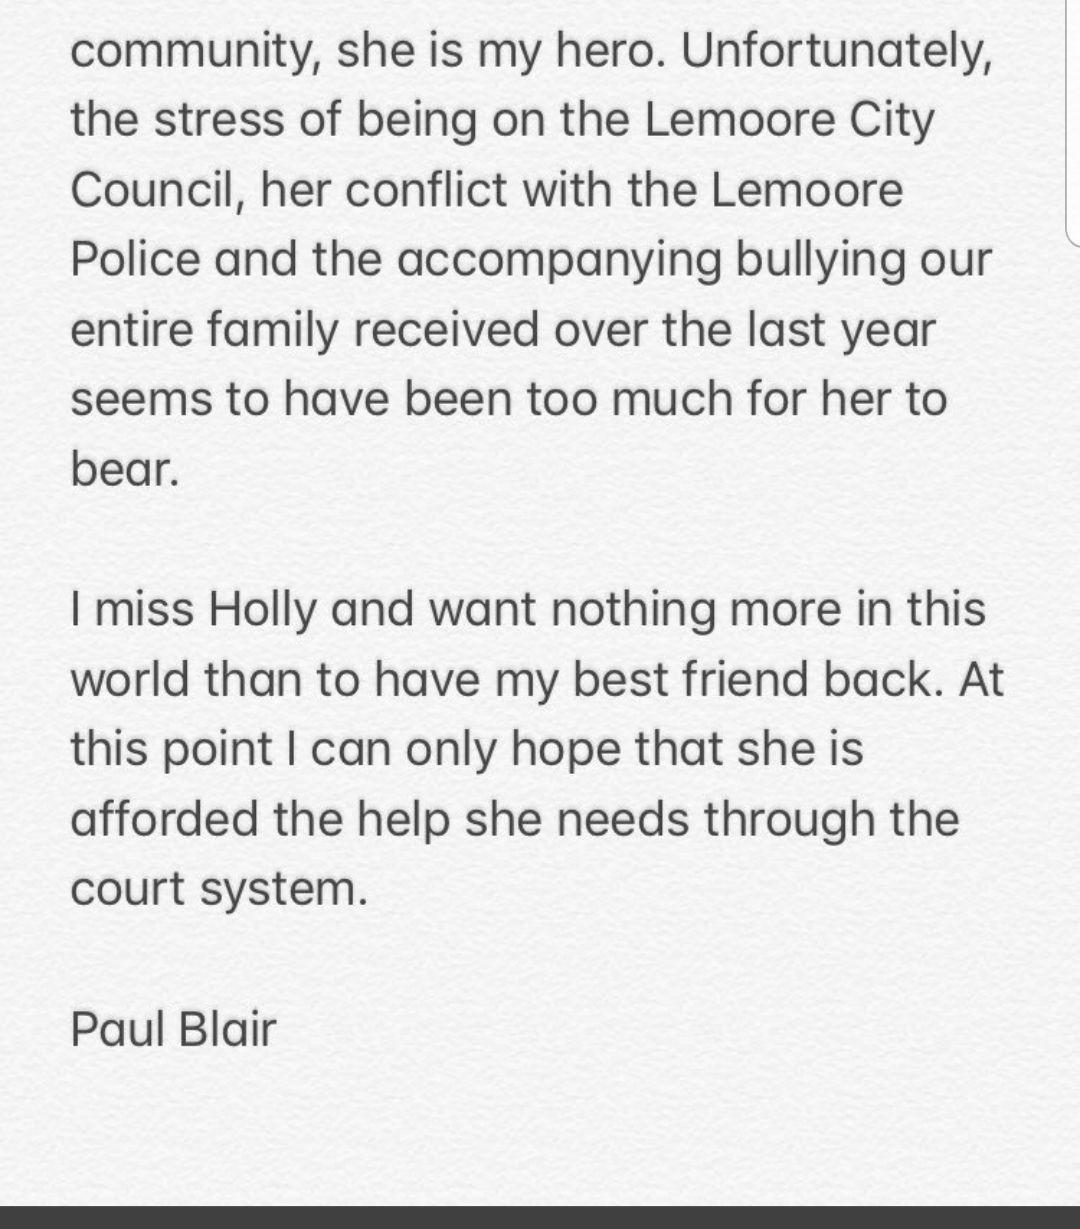 Paul Blair Comment 2